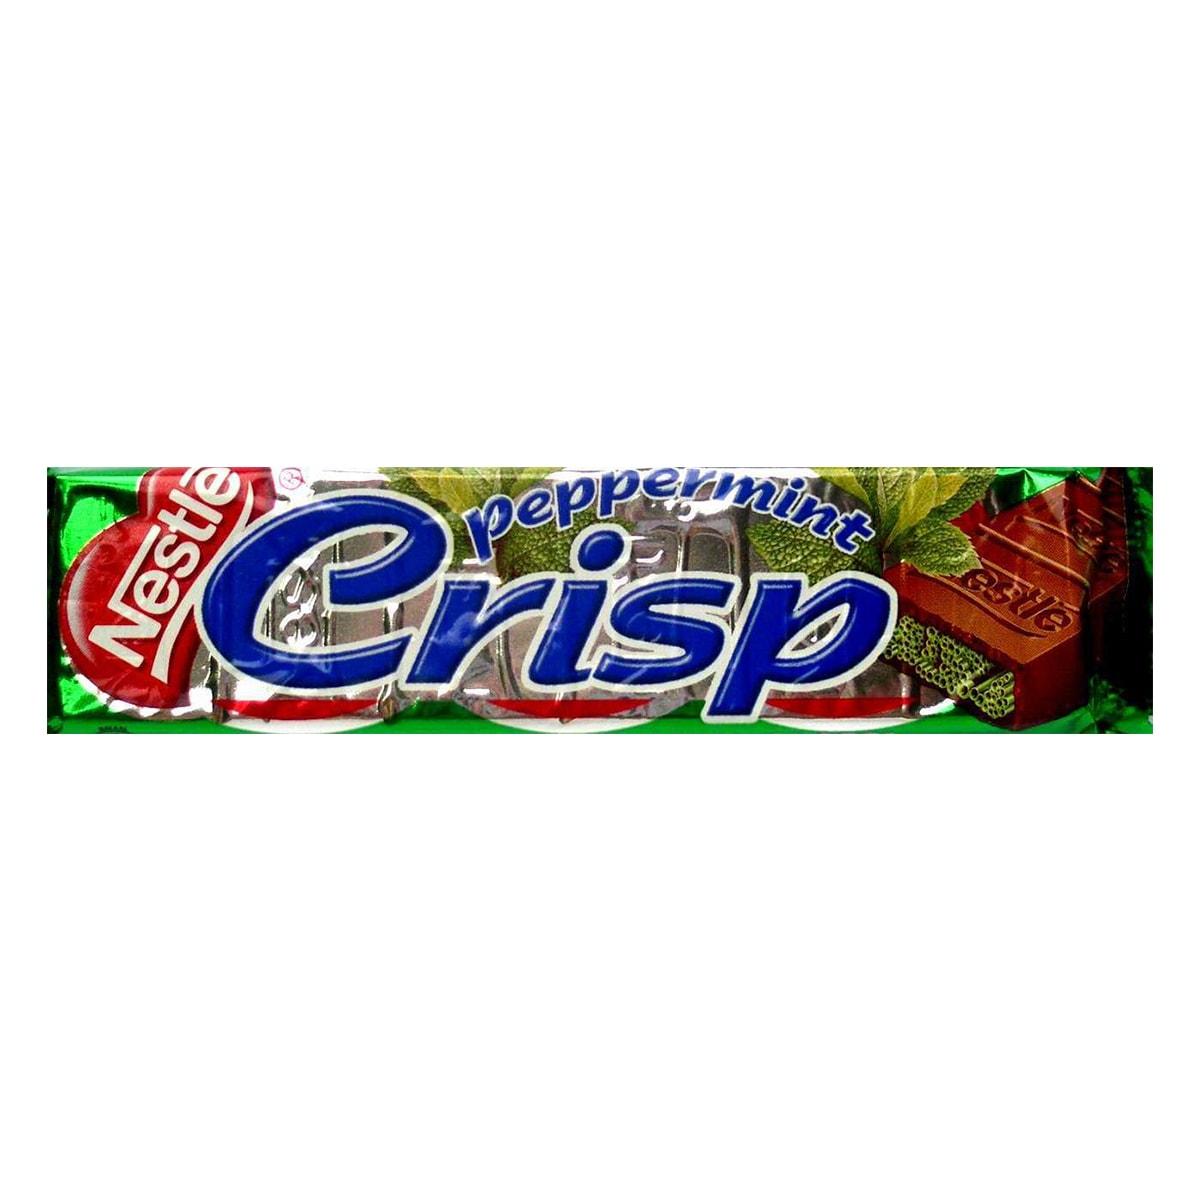 Buy Nestle Peppermint Crisp - 49 gm